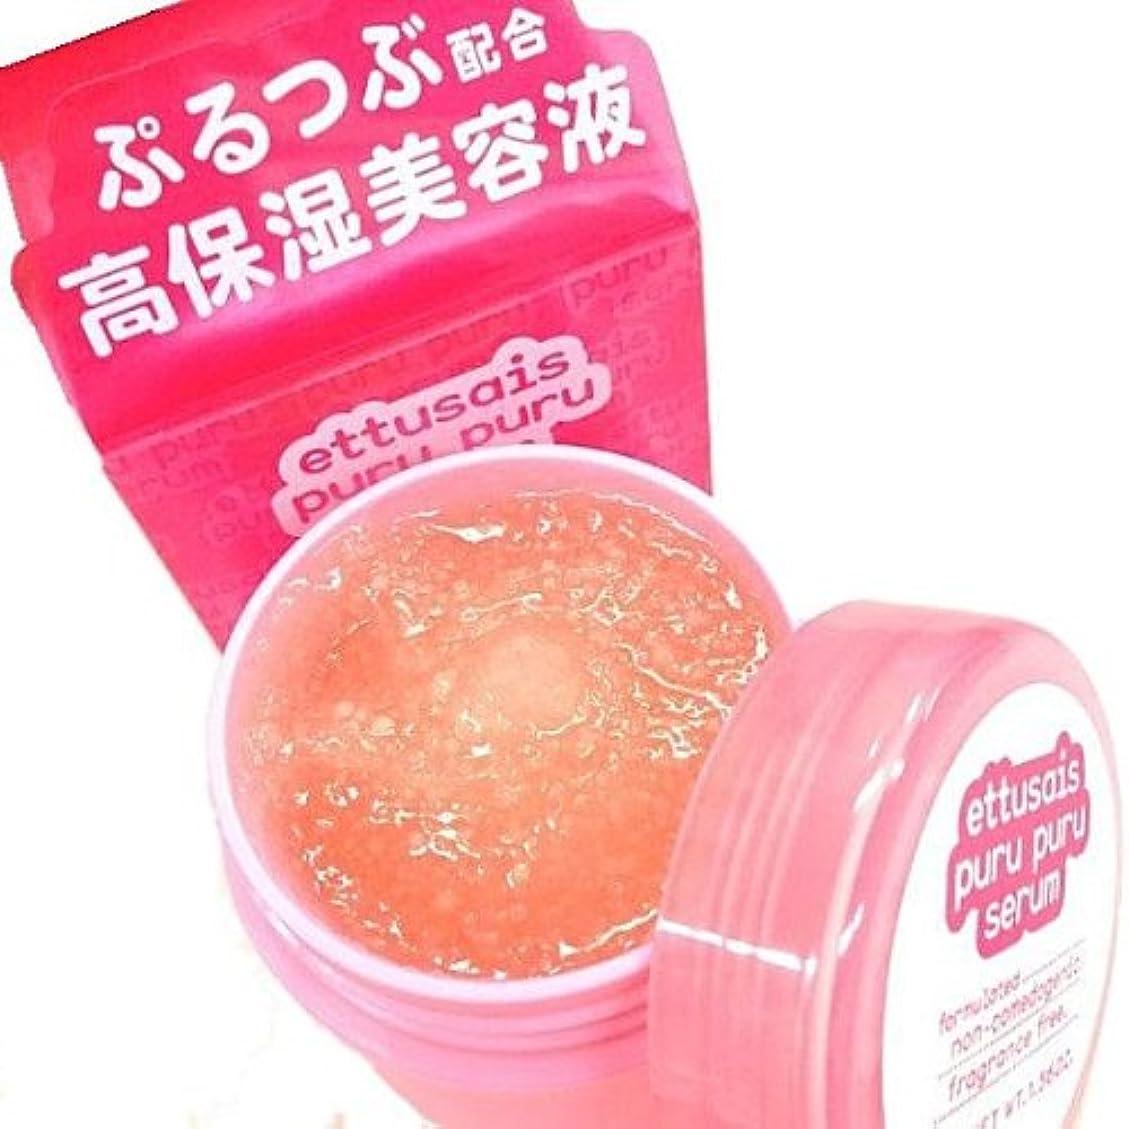 クローゼット売る眠るエテュセ ぷるつぶセラム 47g(濃厚保湿美容液)